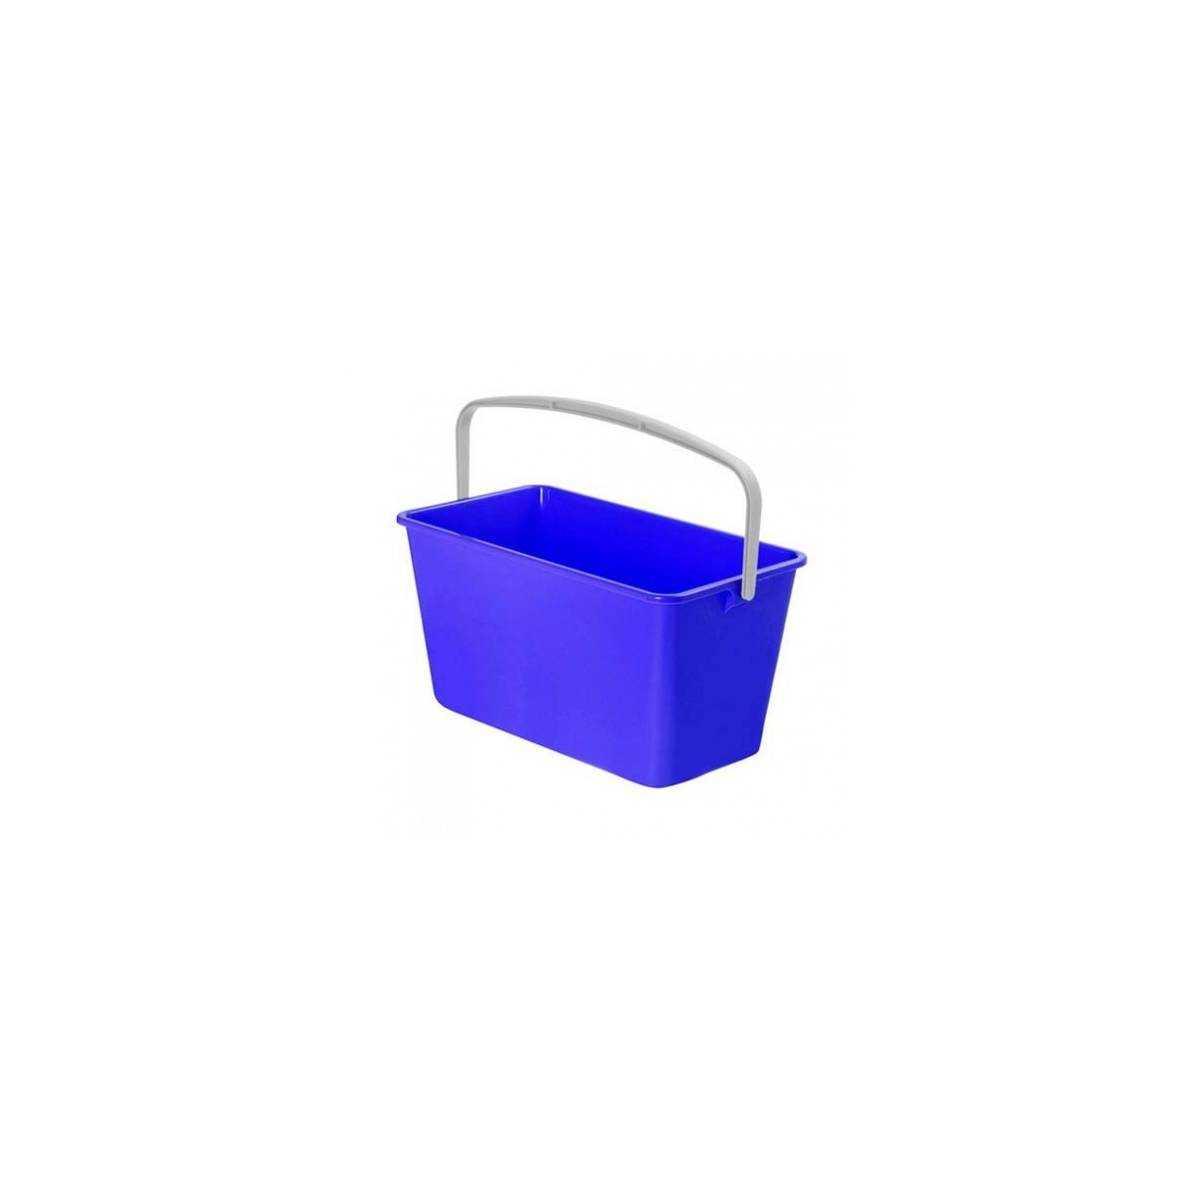 Ведро для уборки с ручкой 15л (Синего цвета) 10362 TTS